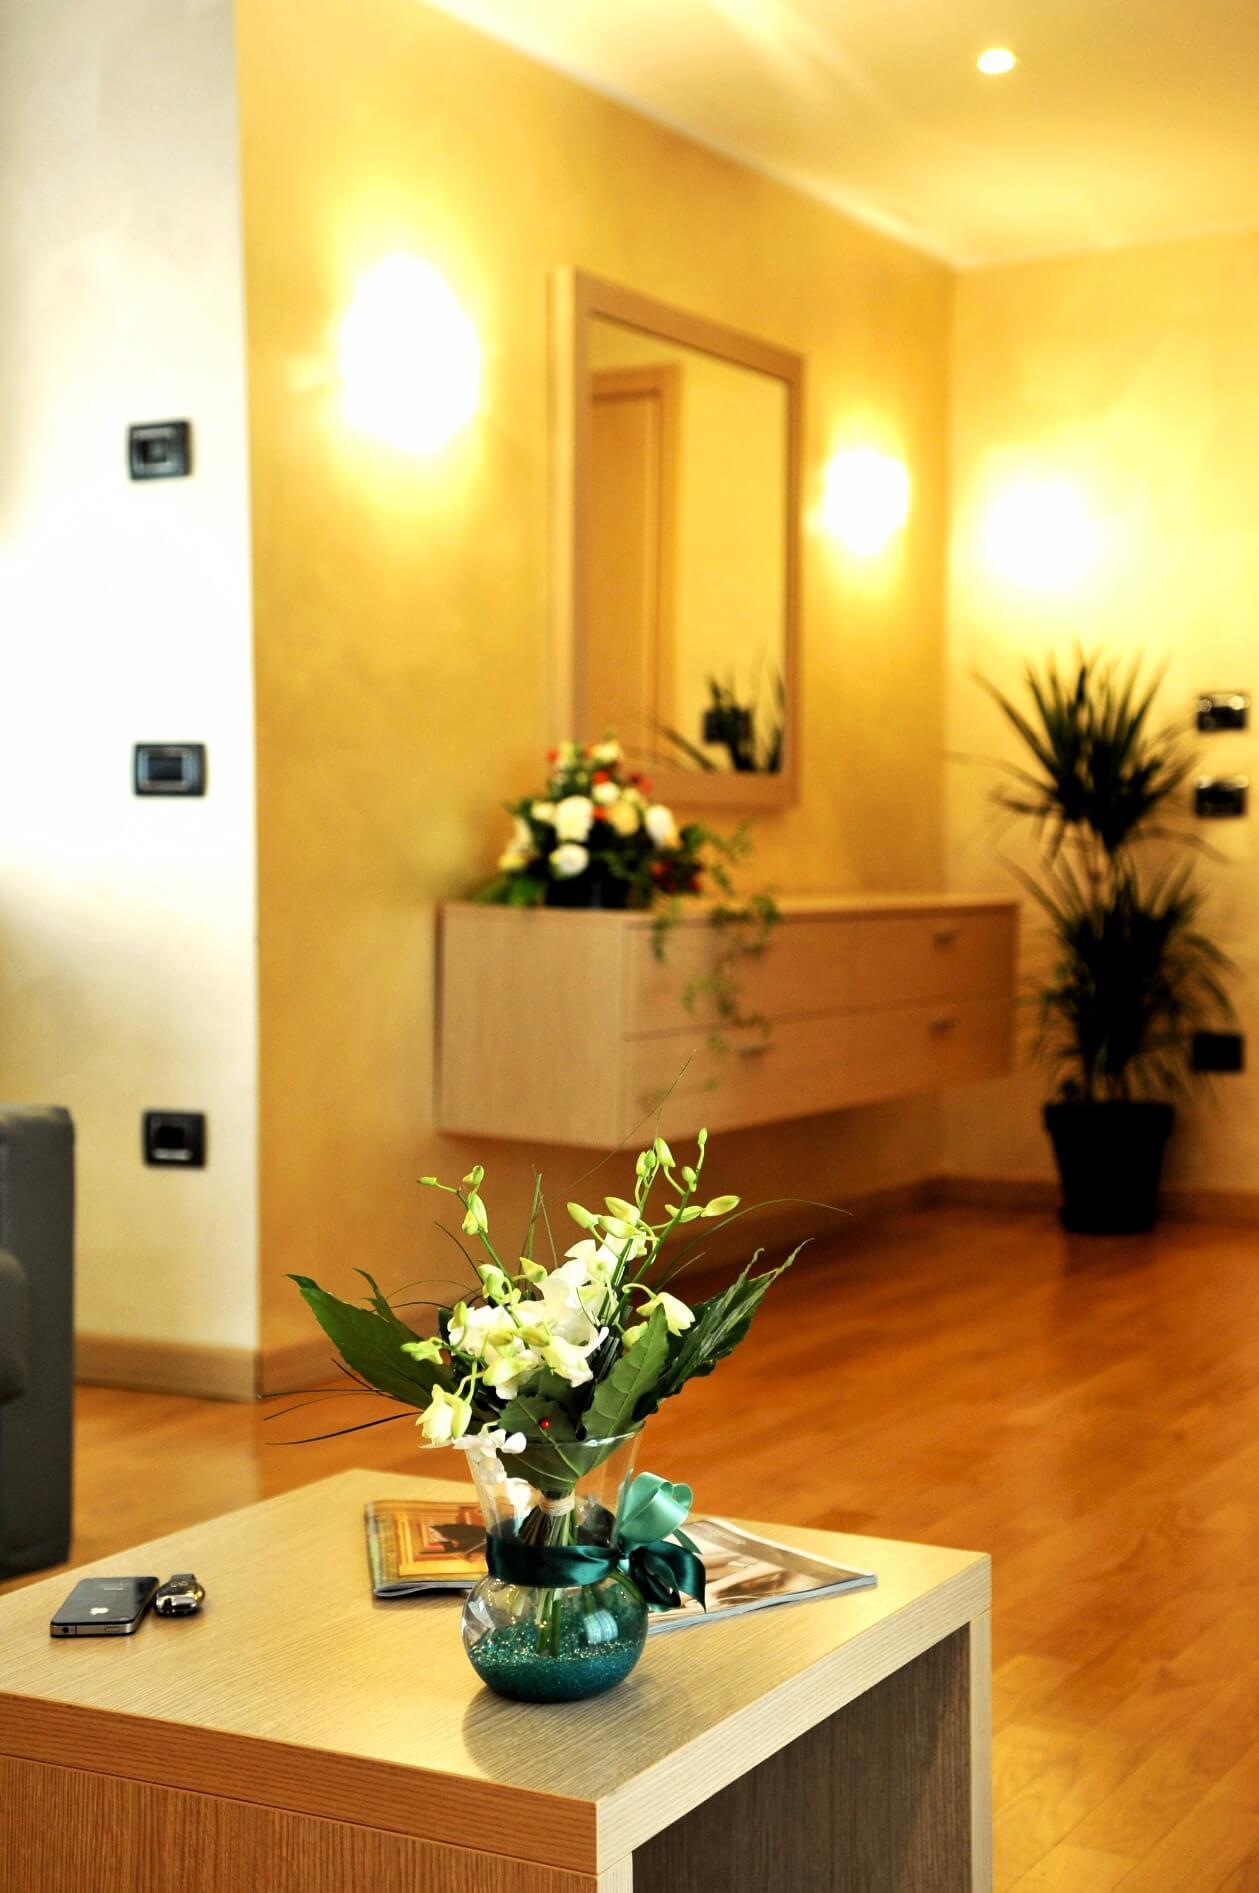 Hotel Palace Leolandia